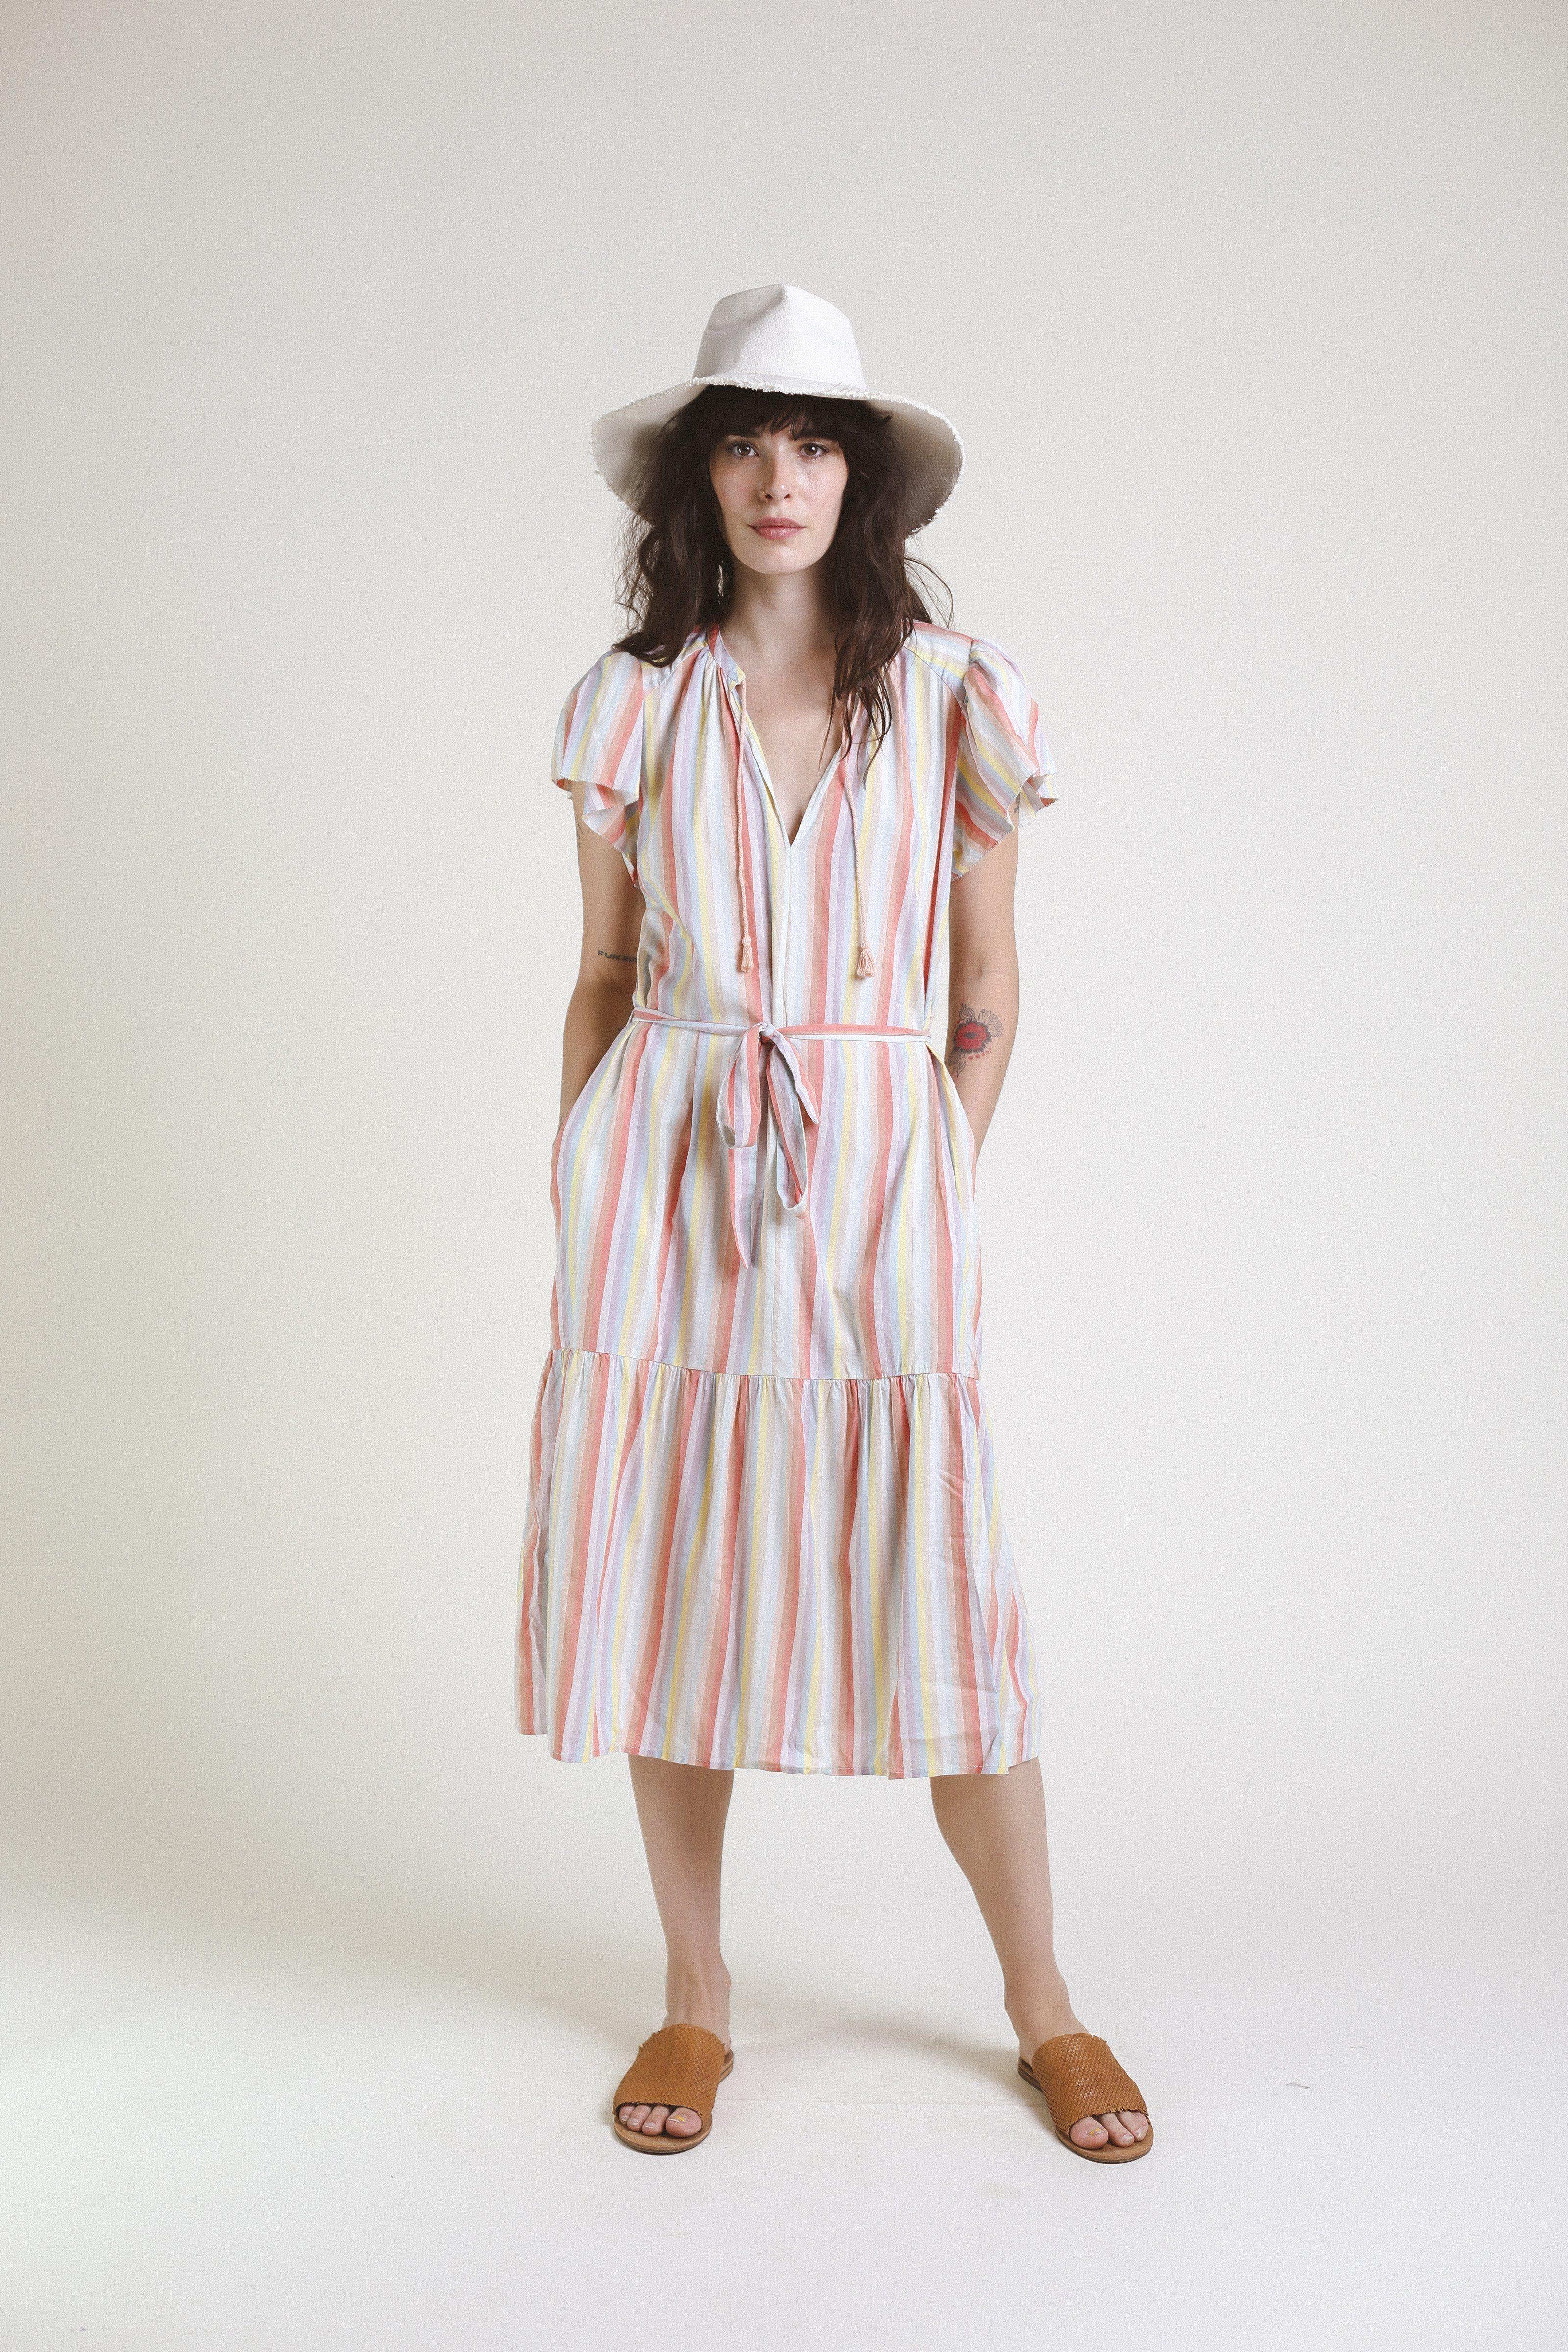 Emery S/S Bohemian Dress RAINBOW STRIPE by Trovata - 1